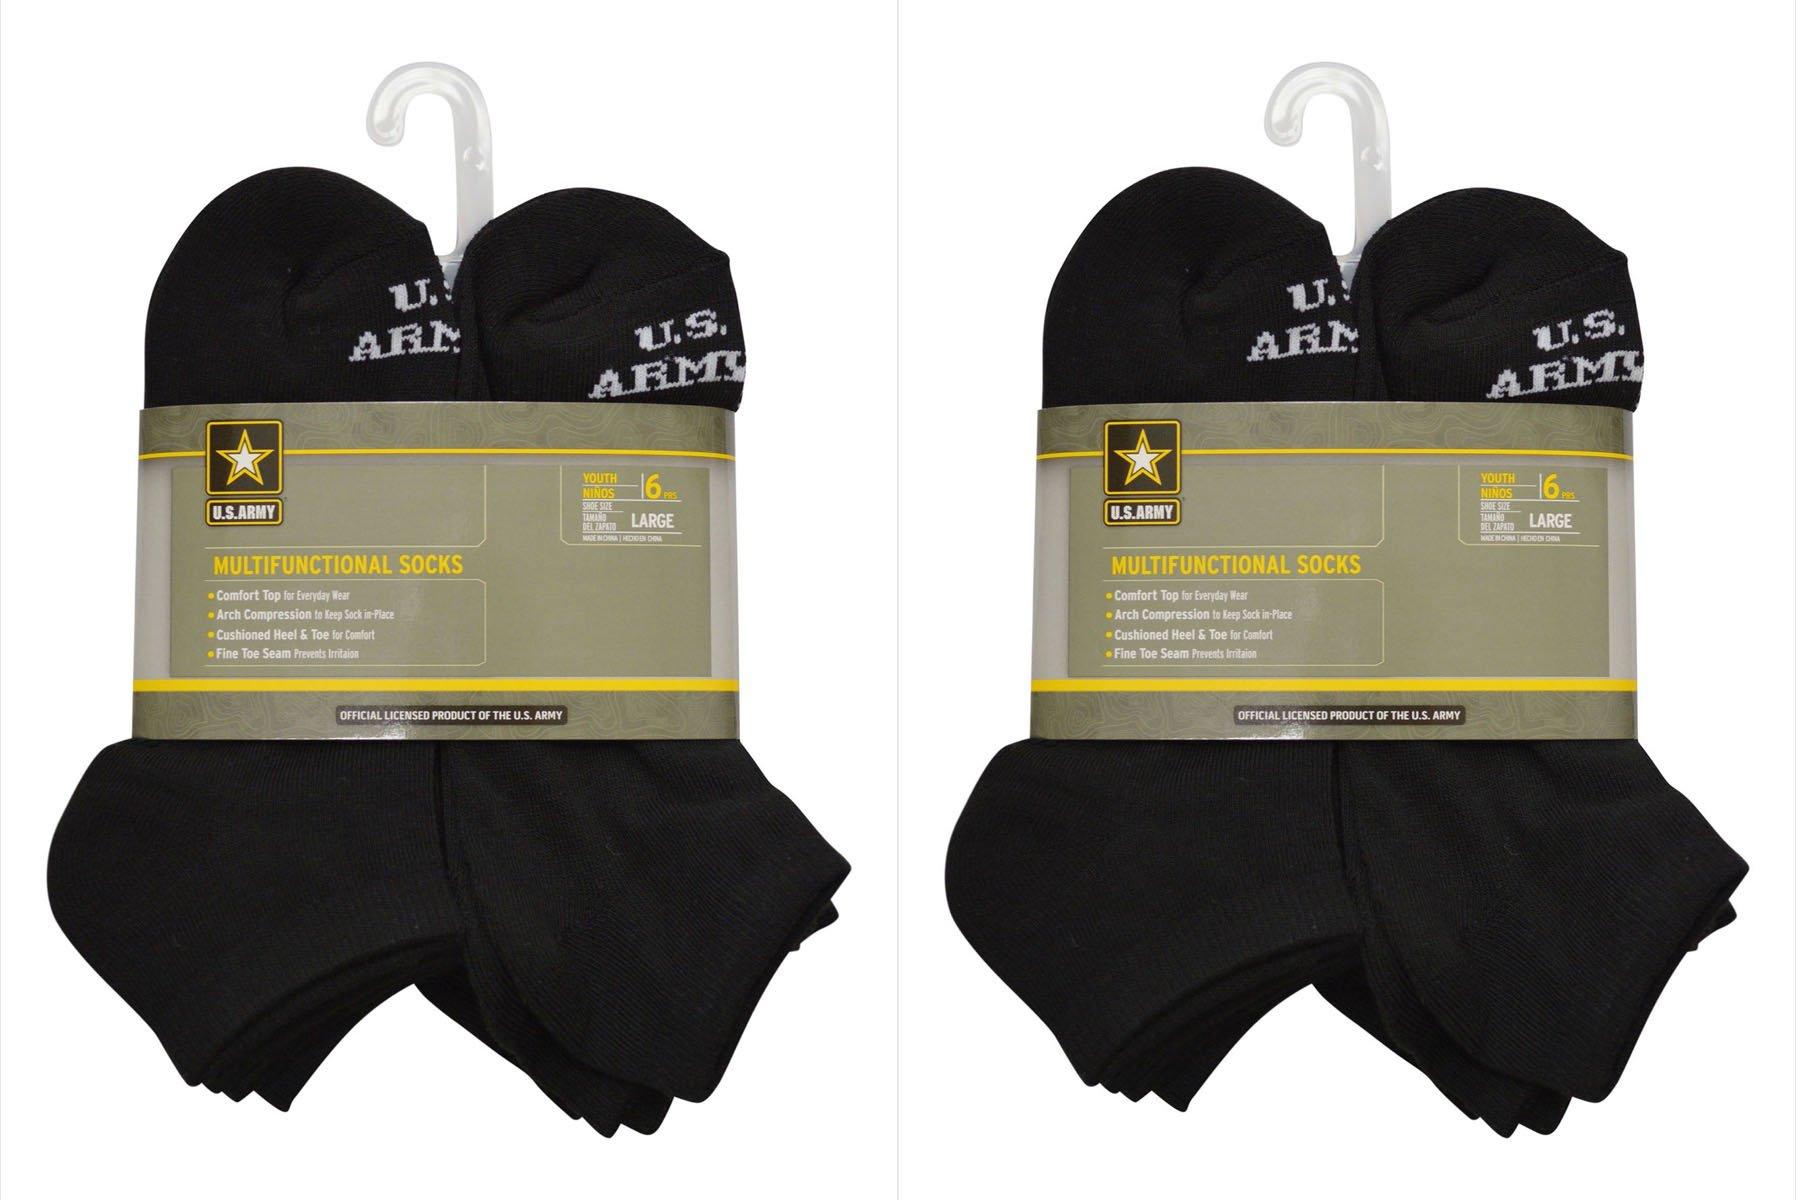 U.S. ARMY Kids' Medium 12 Pairs (2 Packs Of 6) Multifunctional Low Cut Socks (Black) by U.S. Army (Image #2)